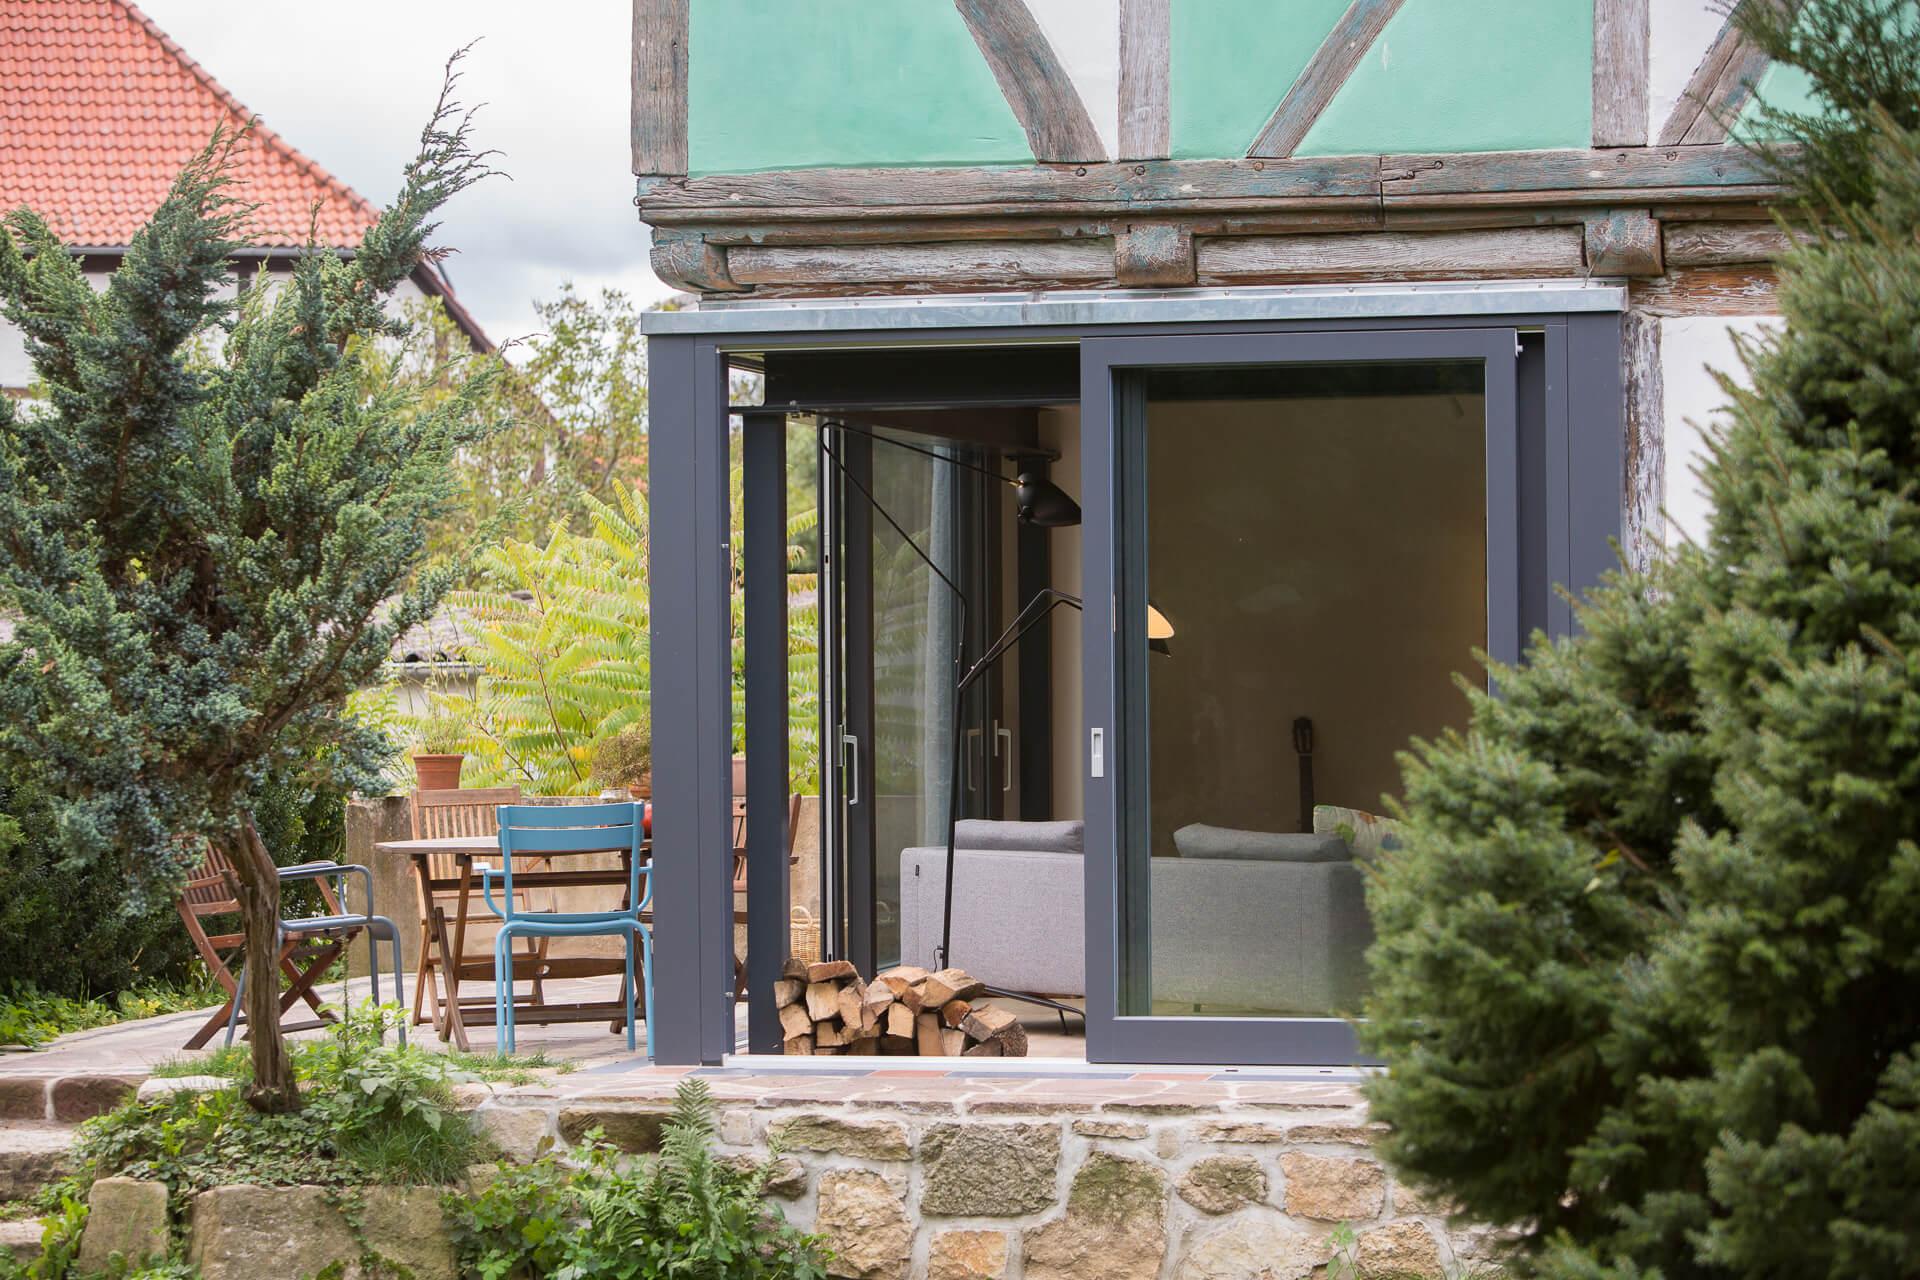 Foto Ryan Baugestaltung Fachwerkhaus Goettingen Aussenansicht mit Terrasse und Garten